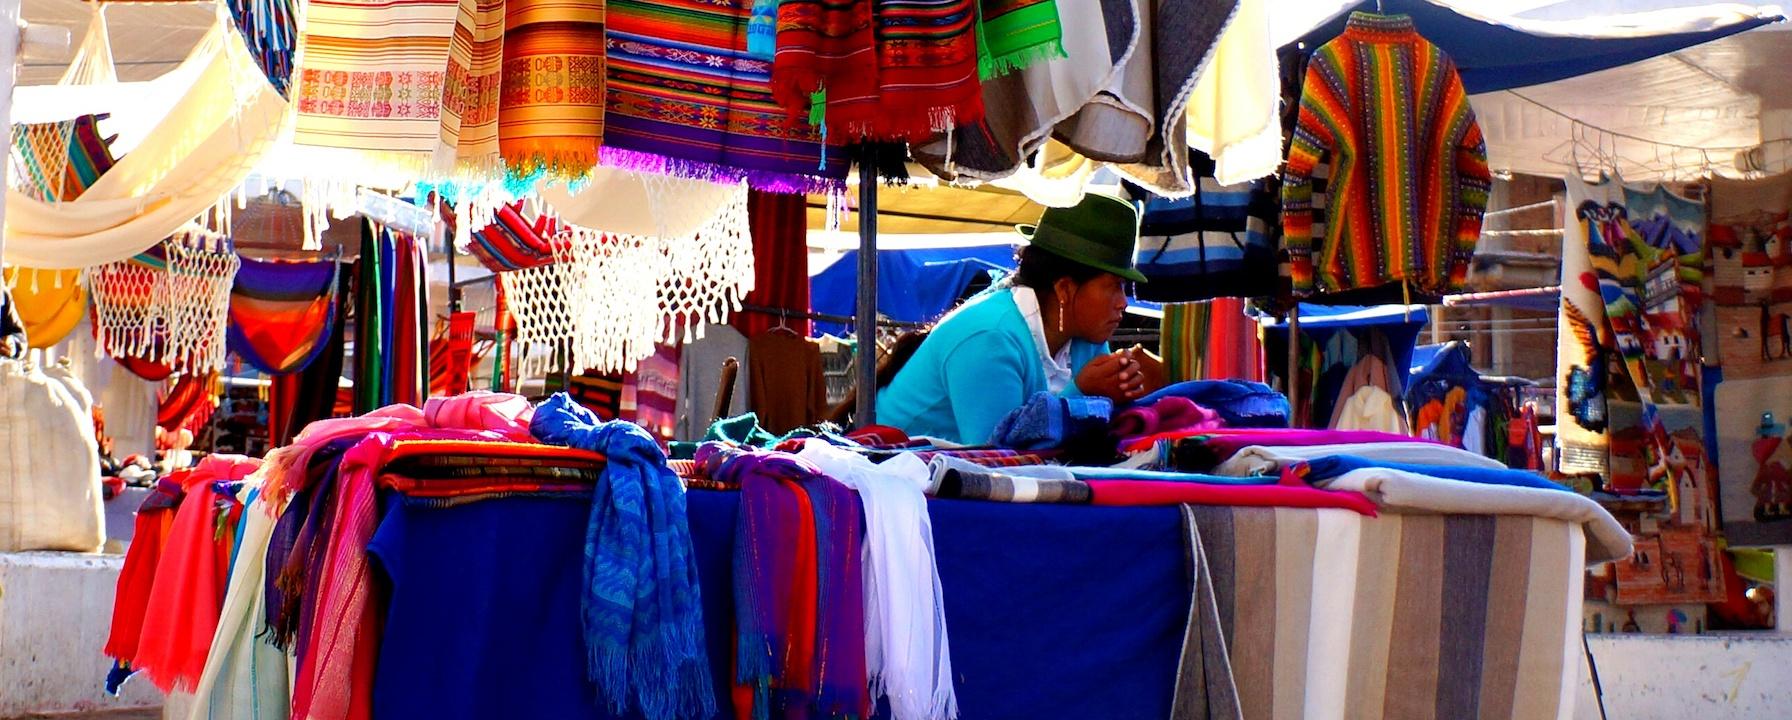 5D-4N Quito - Otavalo / Hiking in Ecuador / Private Premium service